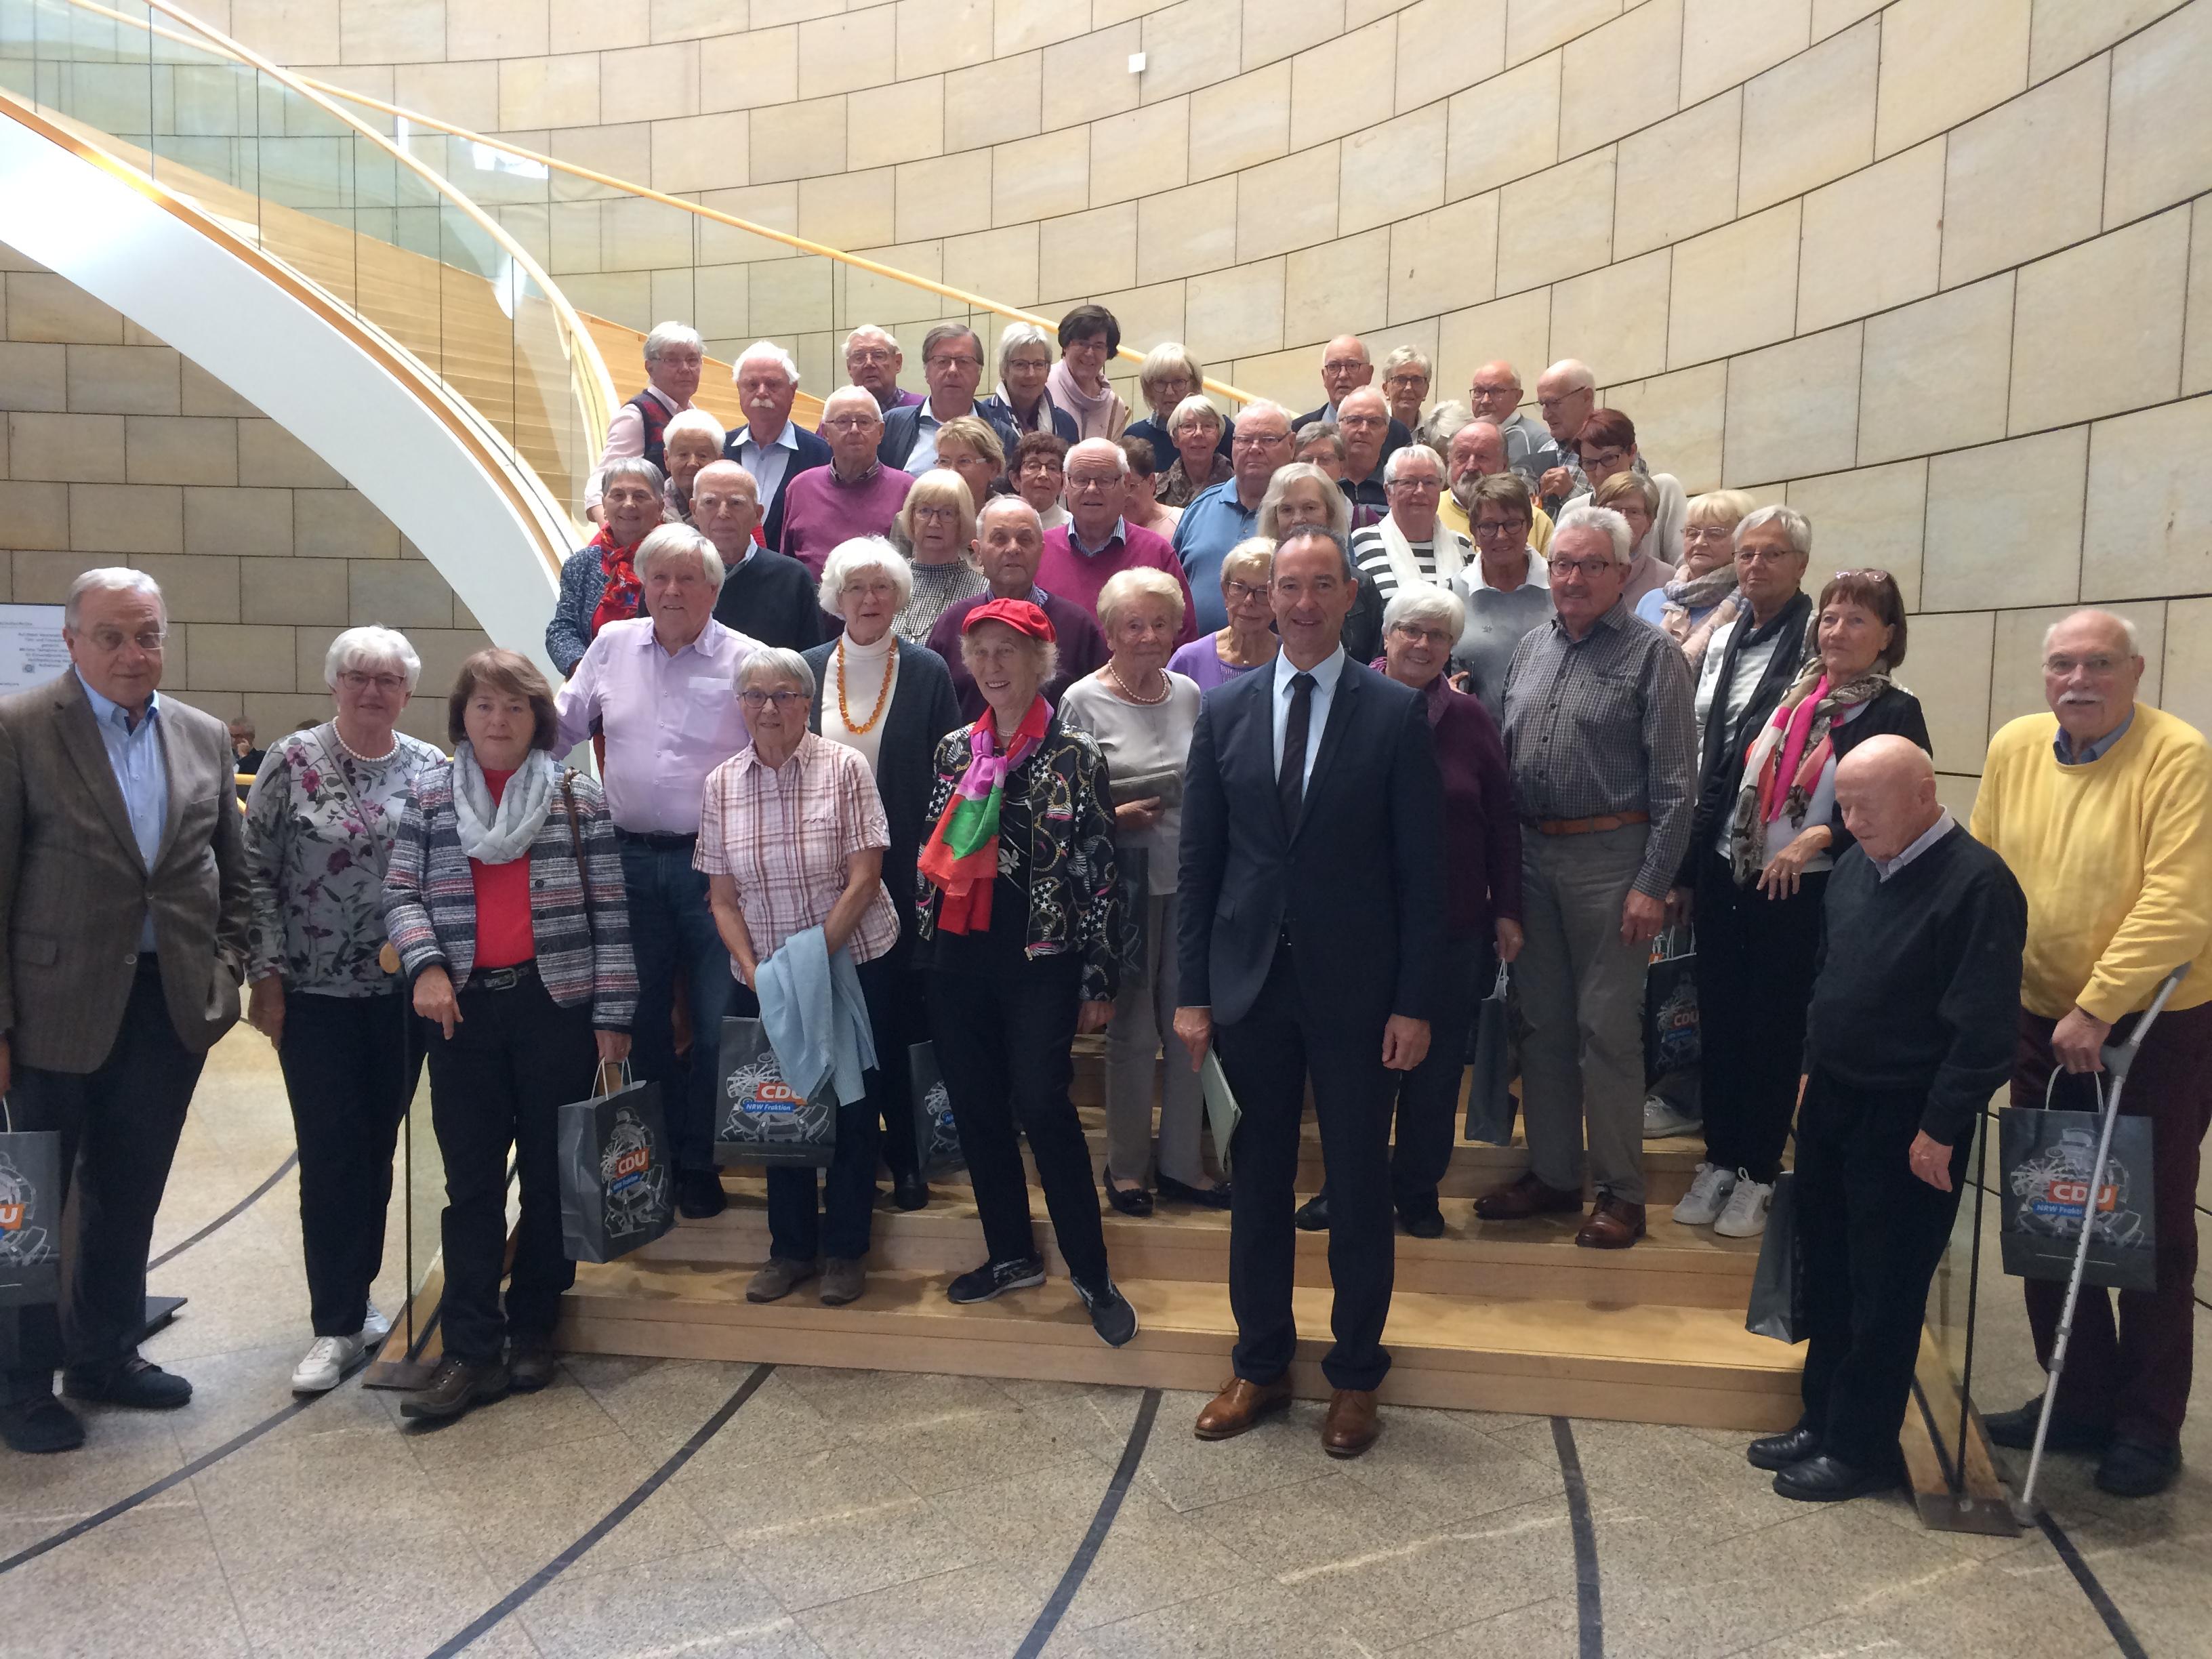 Besuch im Landtag NRW auf Einladung von Jochen Ritter zusammen mit der SU Olpe